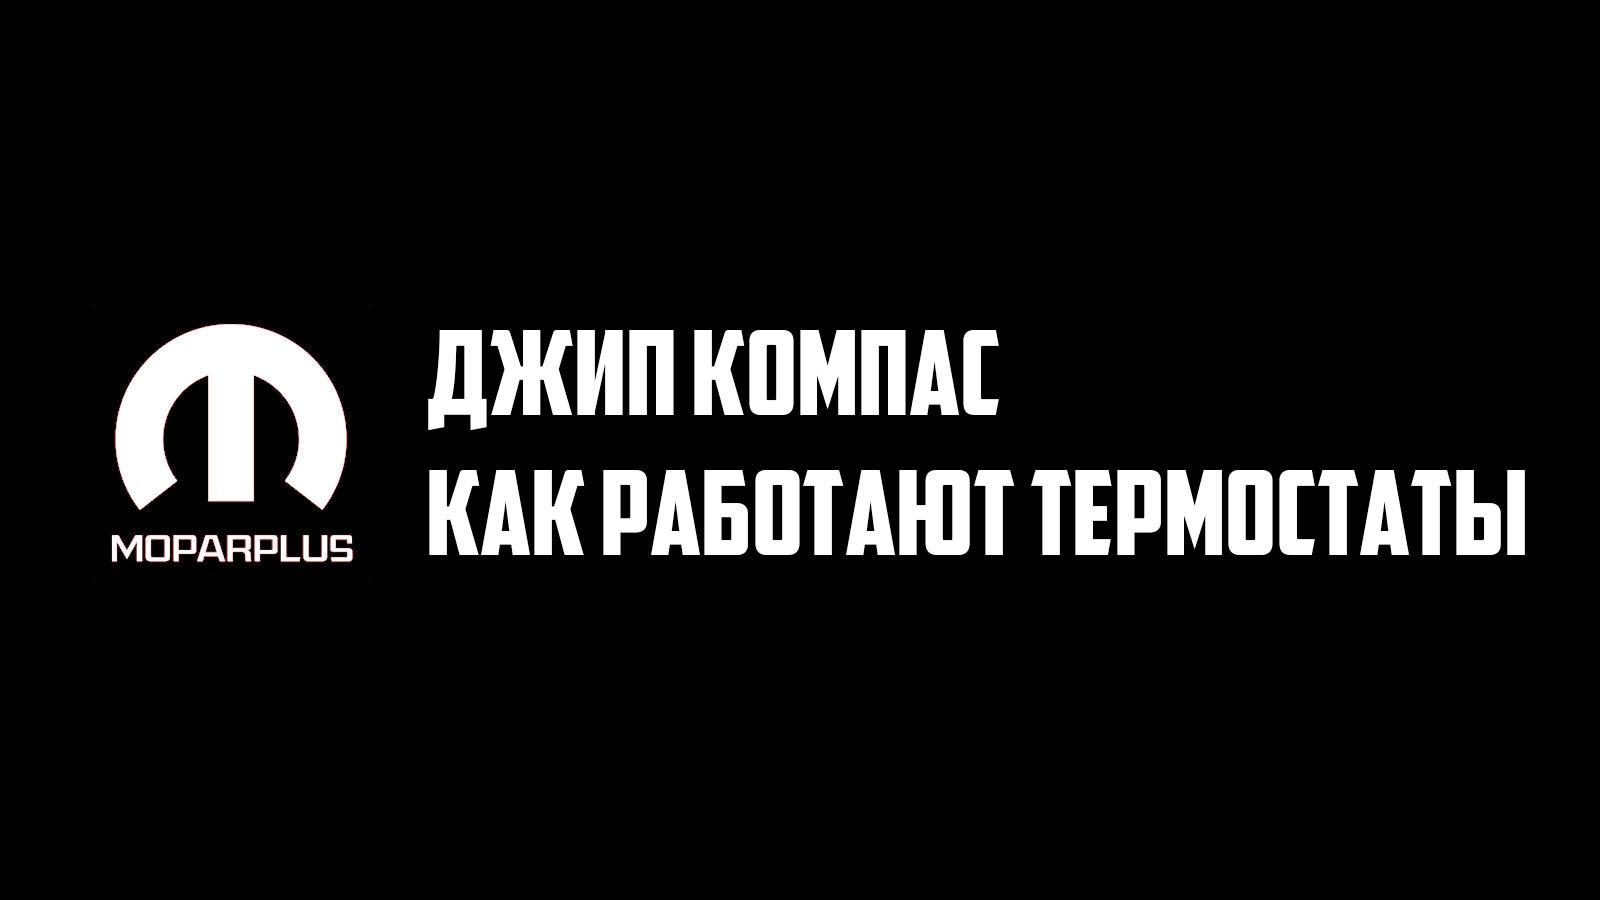 Принцип работы термостатов Джип Компас